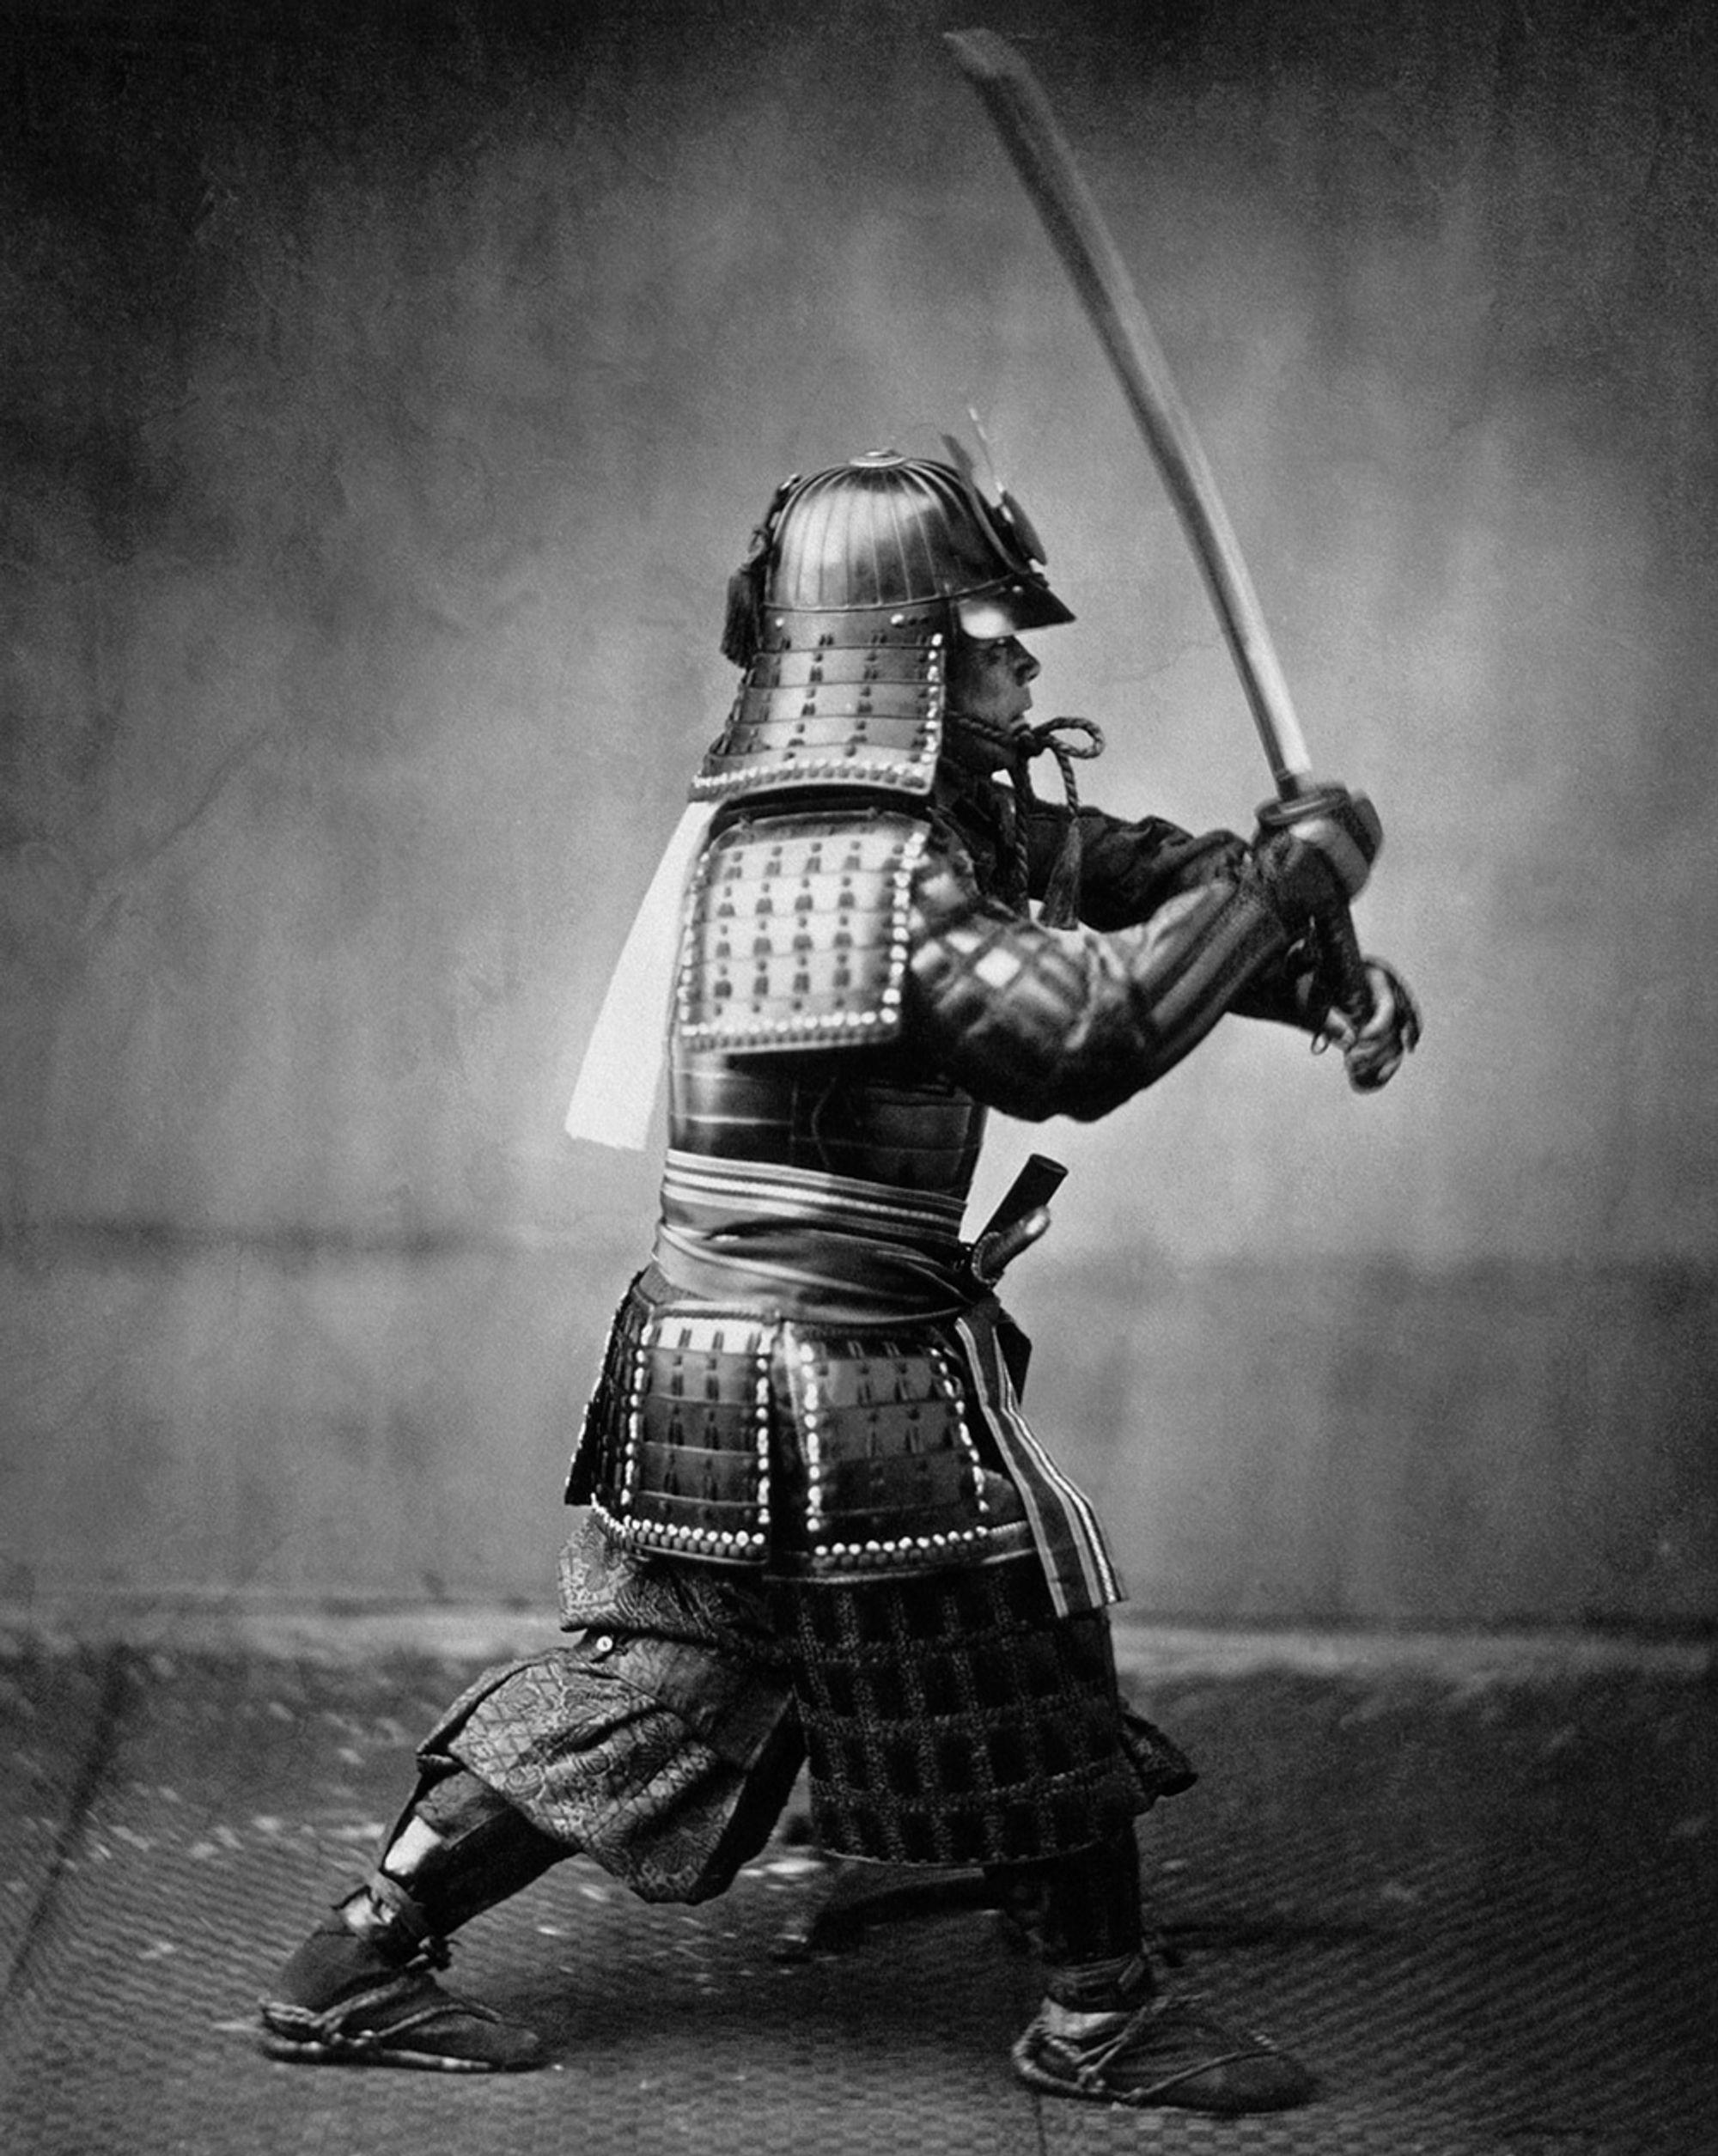 Et kollodiumsfotografi av en samurai i rustning, datert til rundt 1860. Kvaliteten er betydelig bedre enn på kalotypiet over.